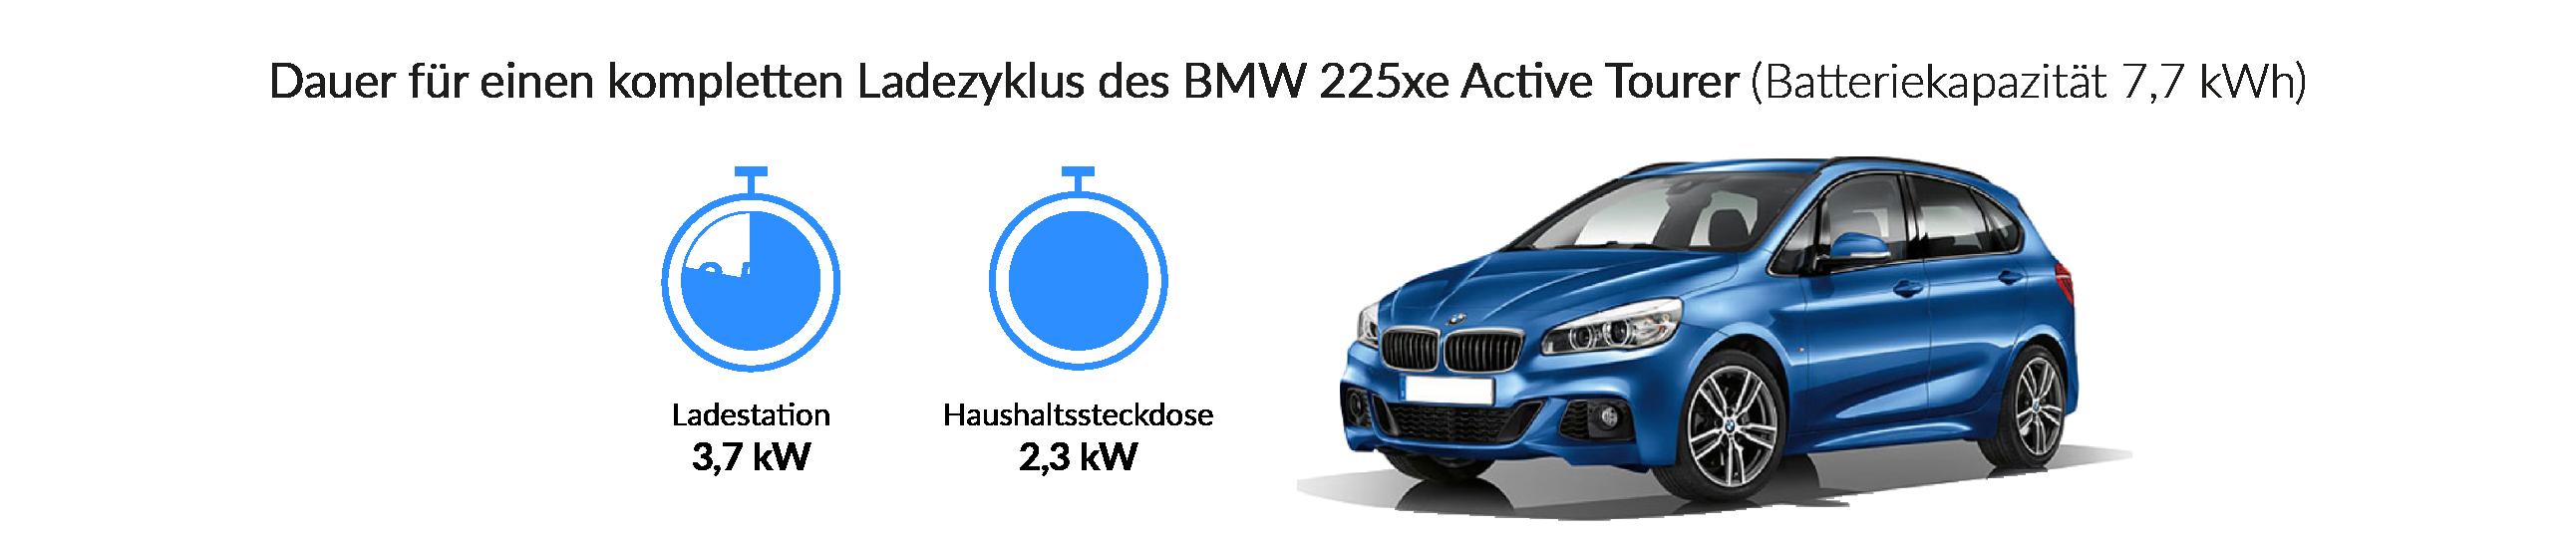 Ladezeiten des BMW 225xe Active Tourer